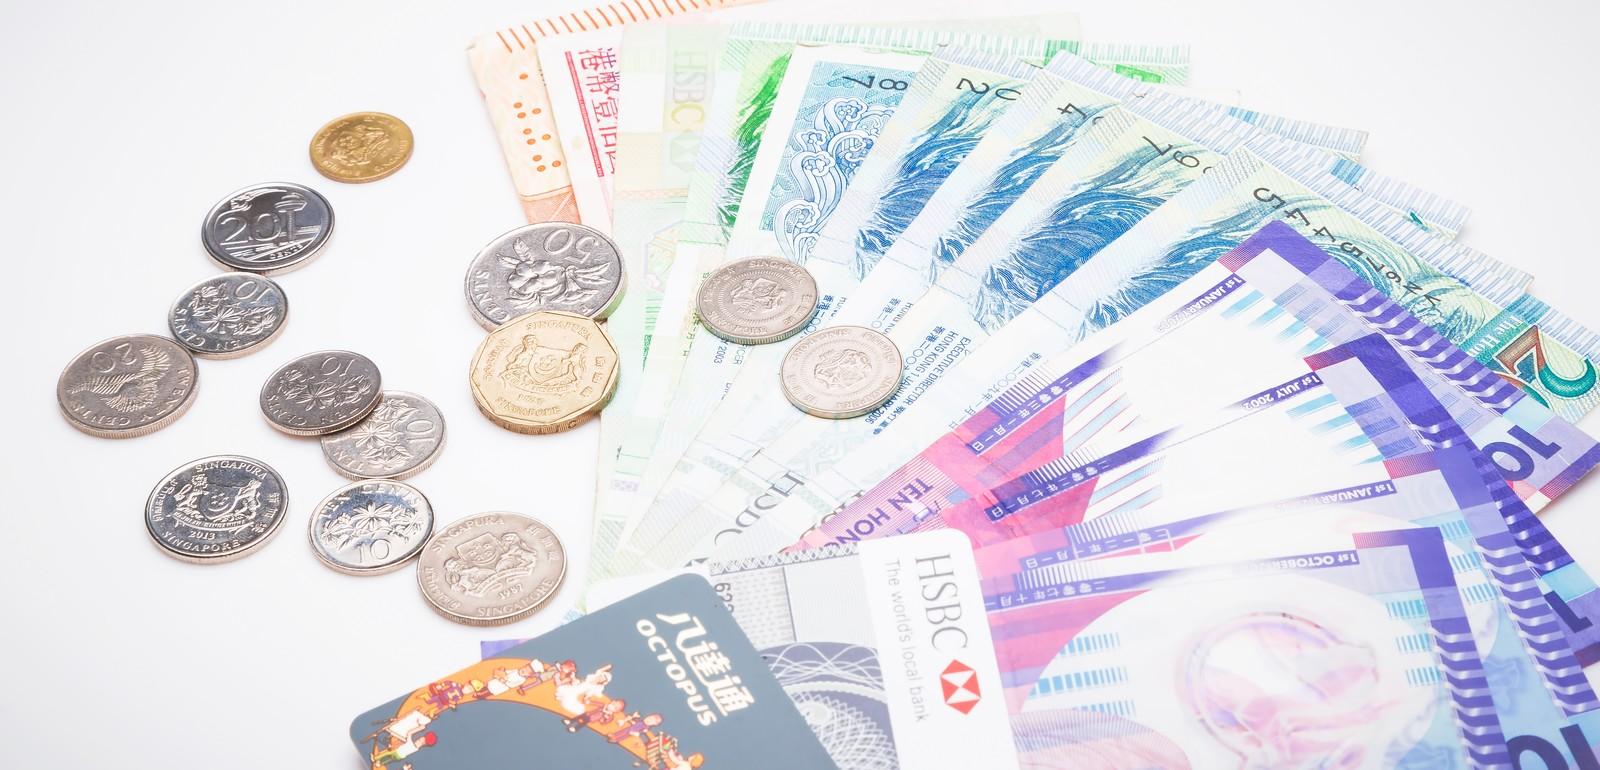 貯金ないので10万でオーストラリアにワーホリにいった話